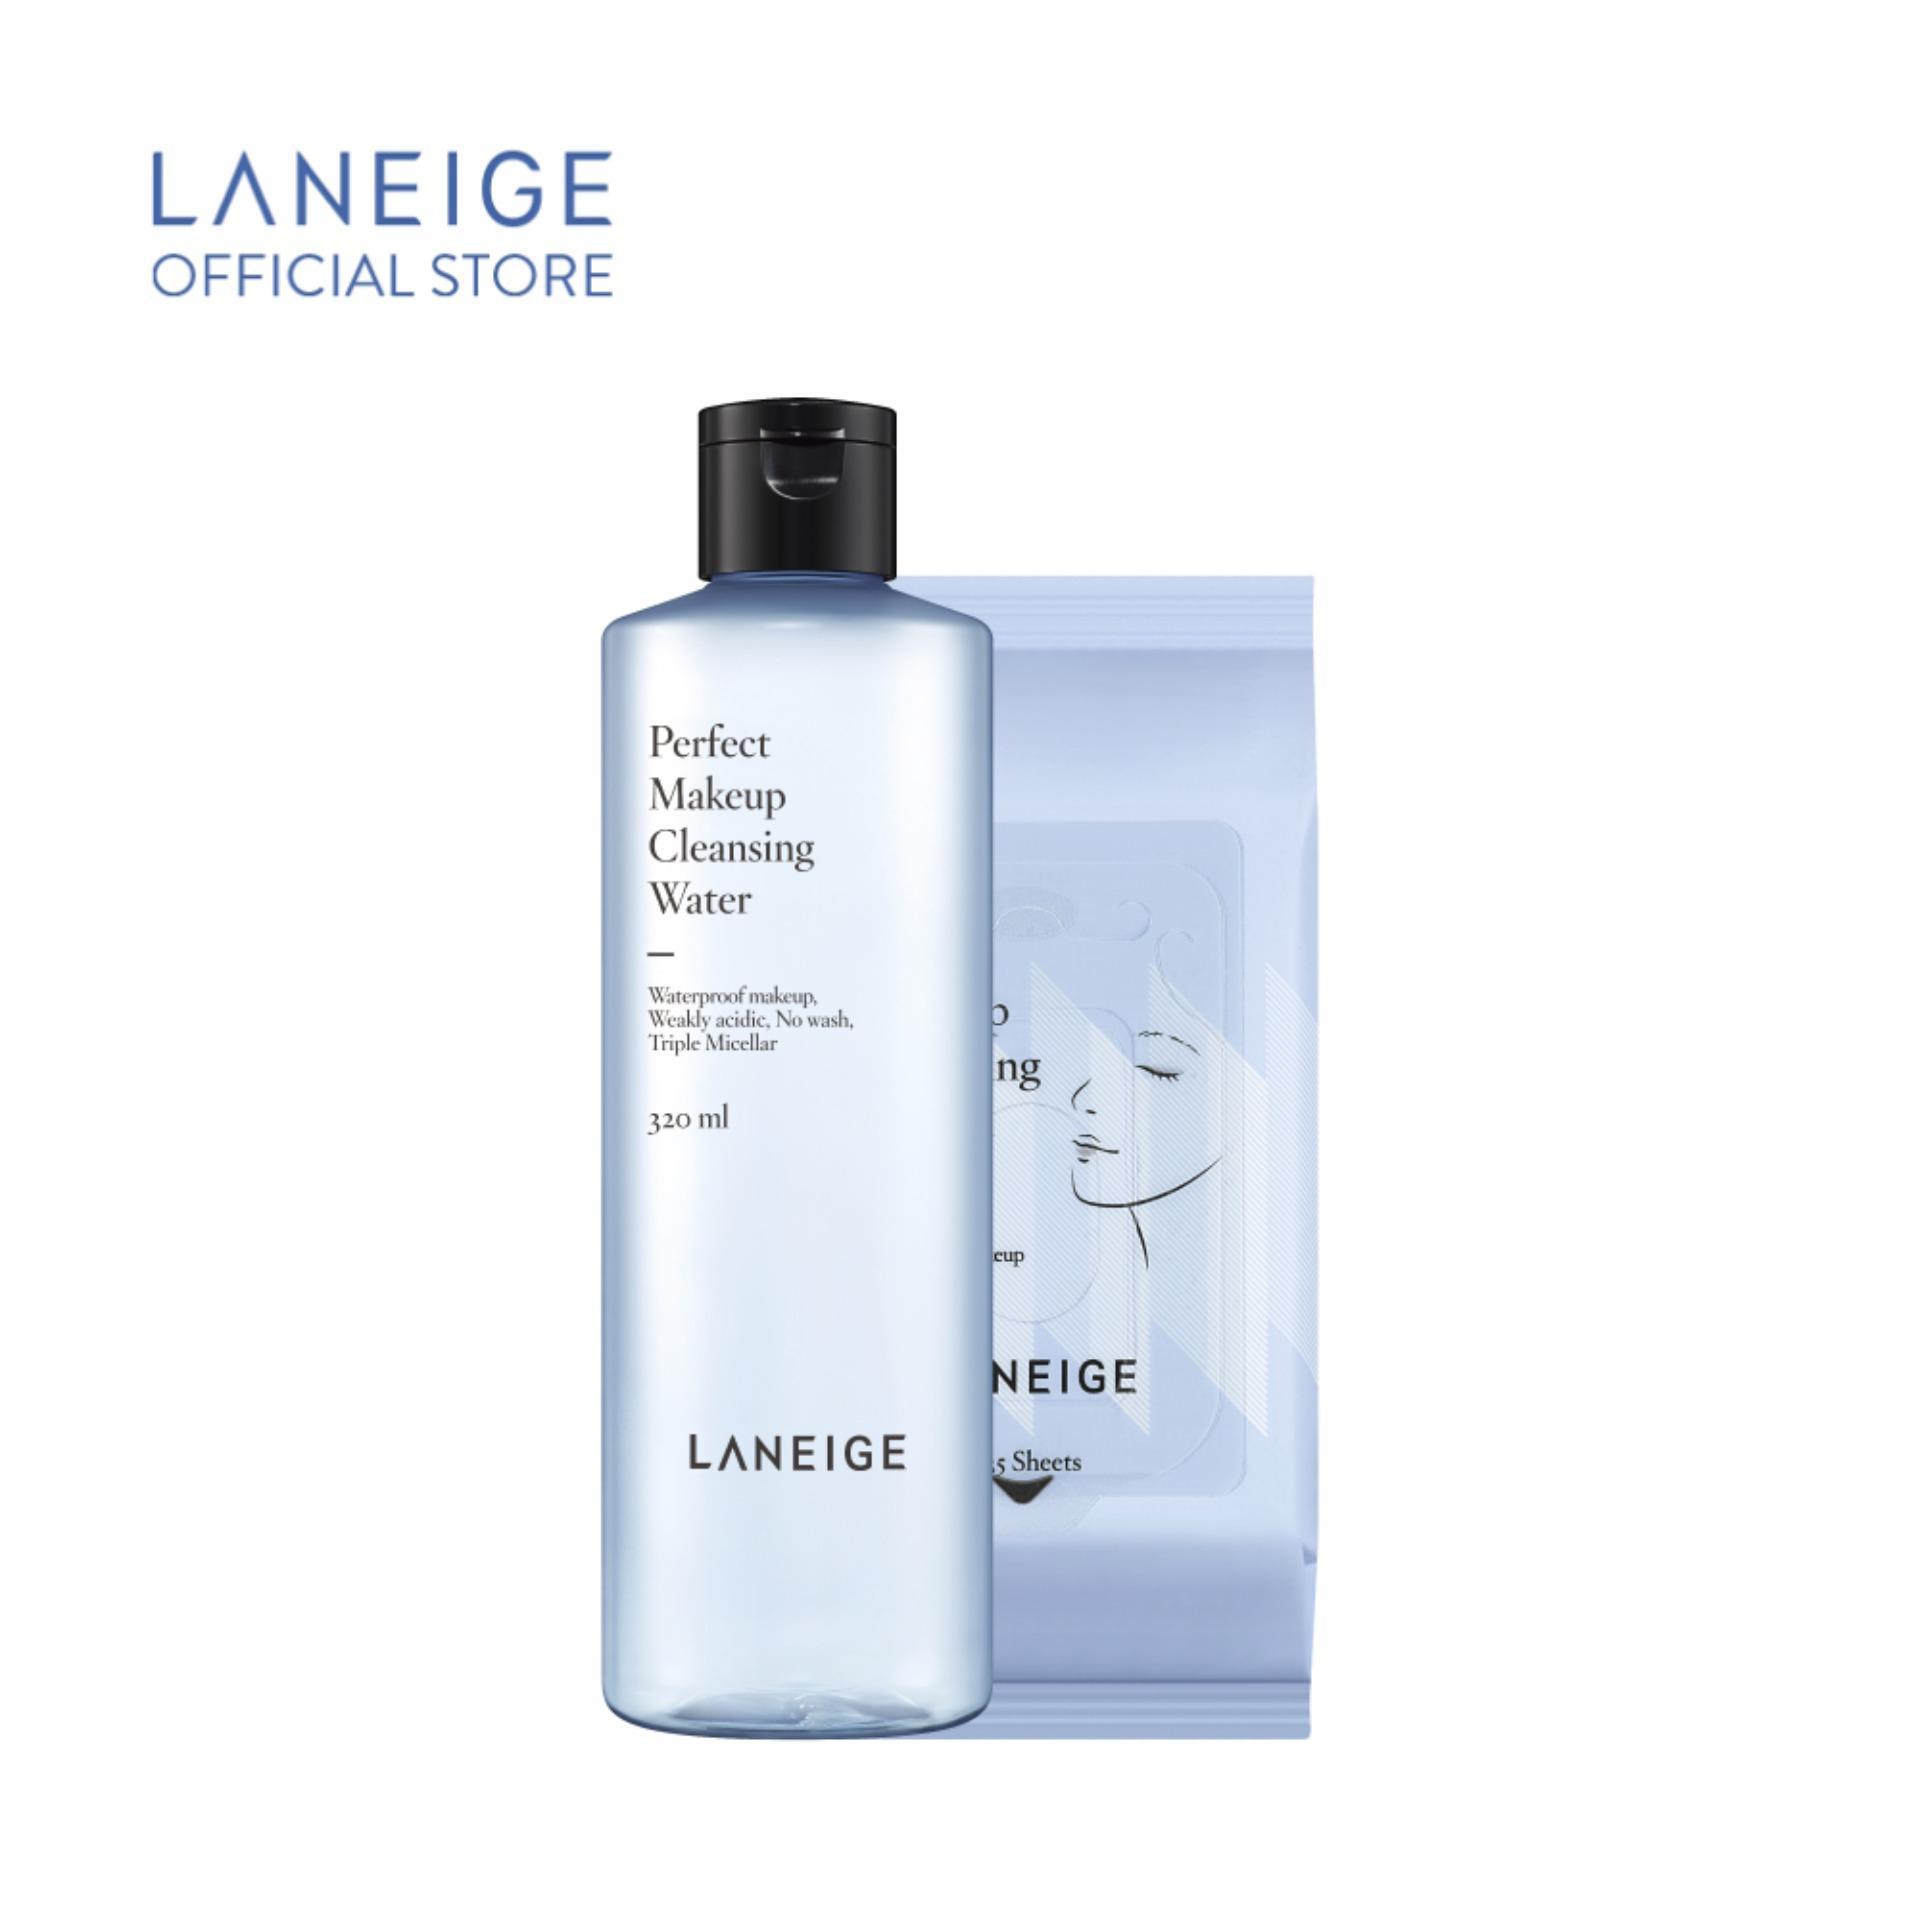 Nước tẩy trang hoàn hảo Laneige Perfect Makeup Cleansing Water 320ml nhập khẩu